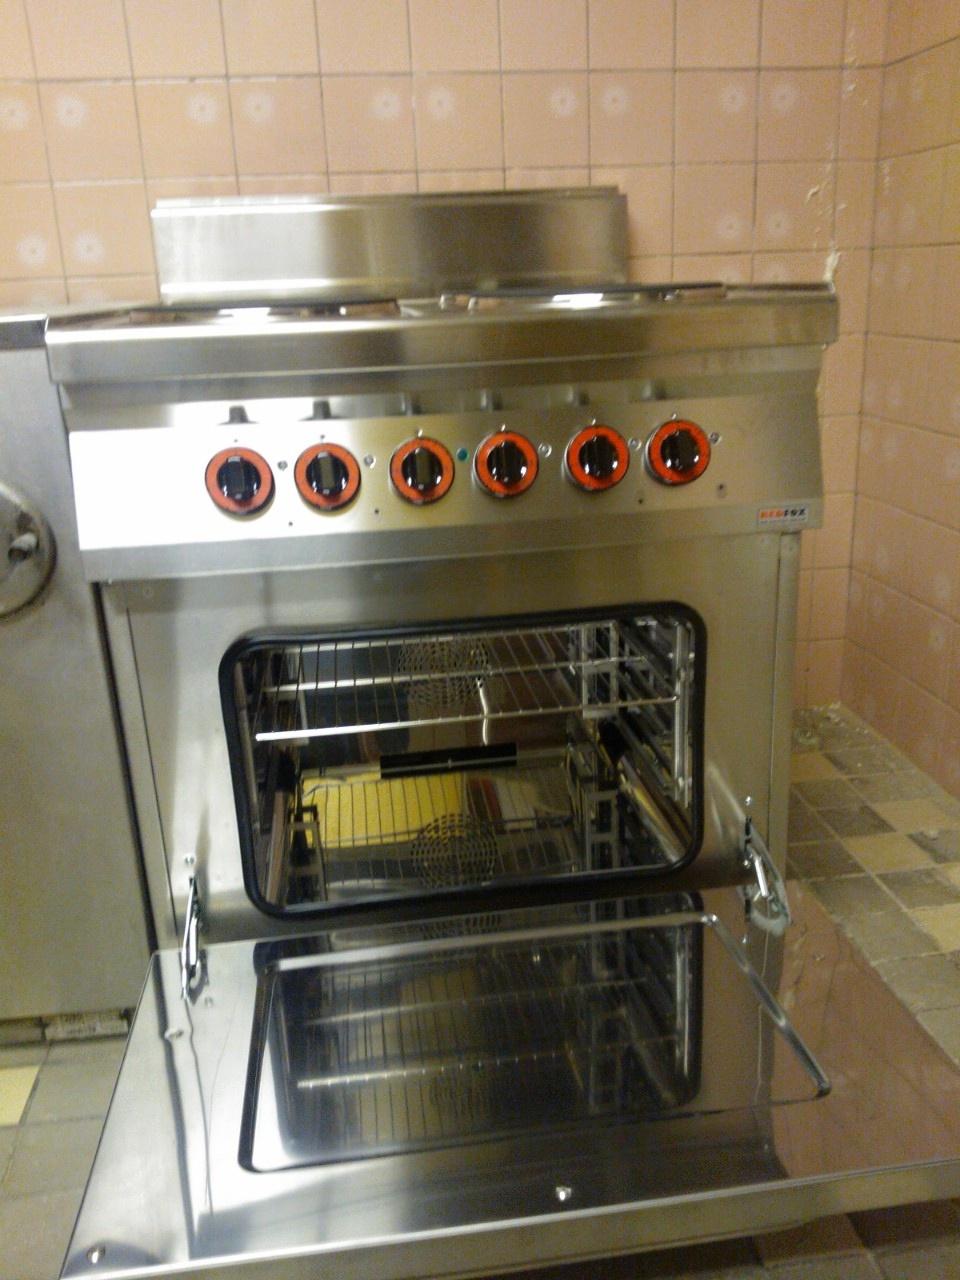 Kuchyň a velký sporák s troubou na pečení